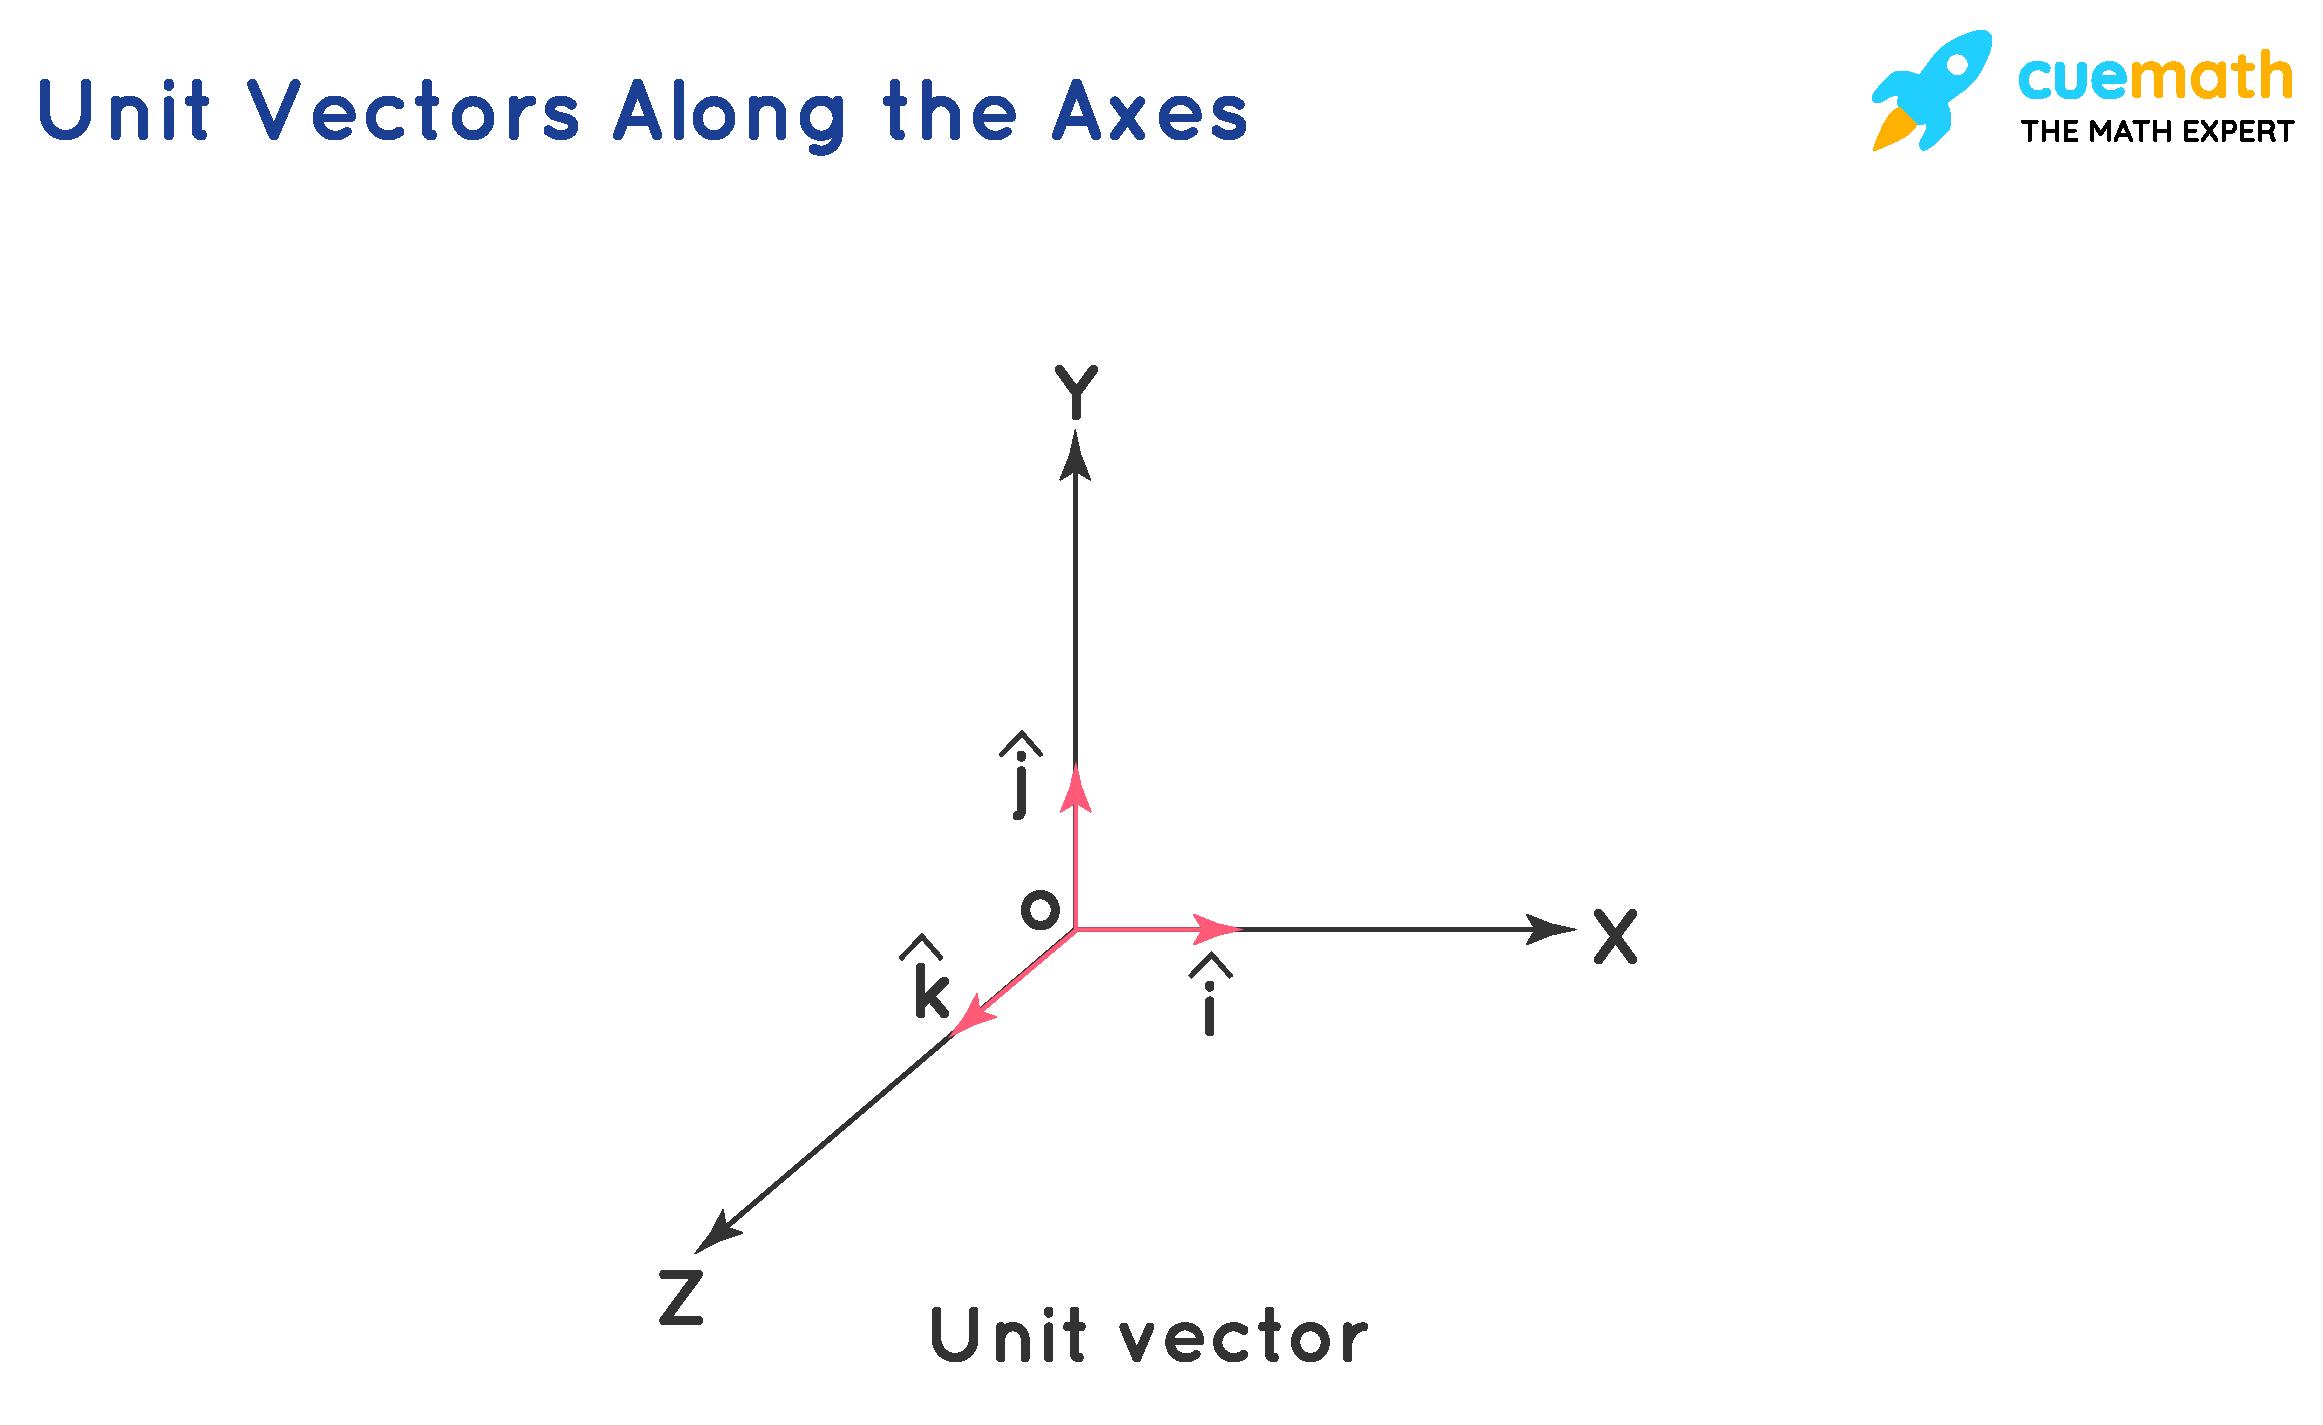 Unit Vector Along the Axes